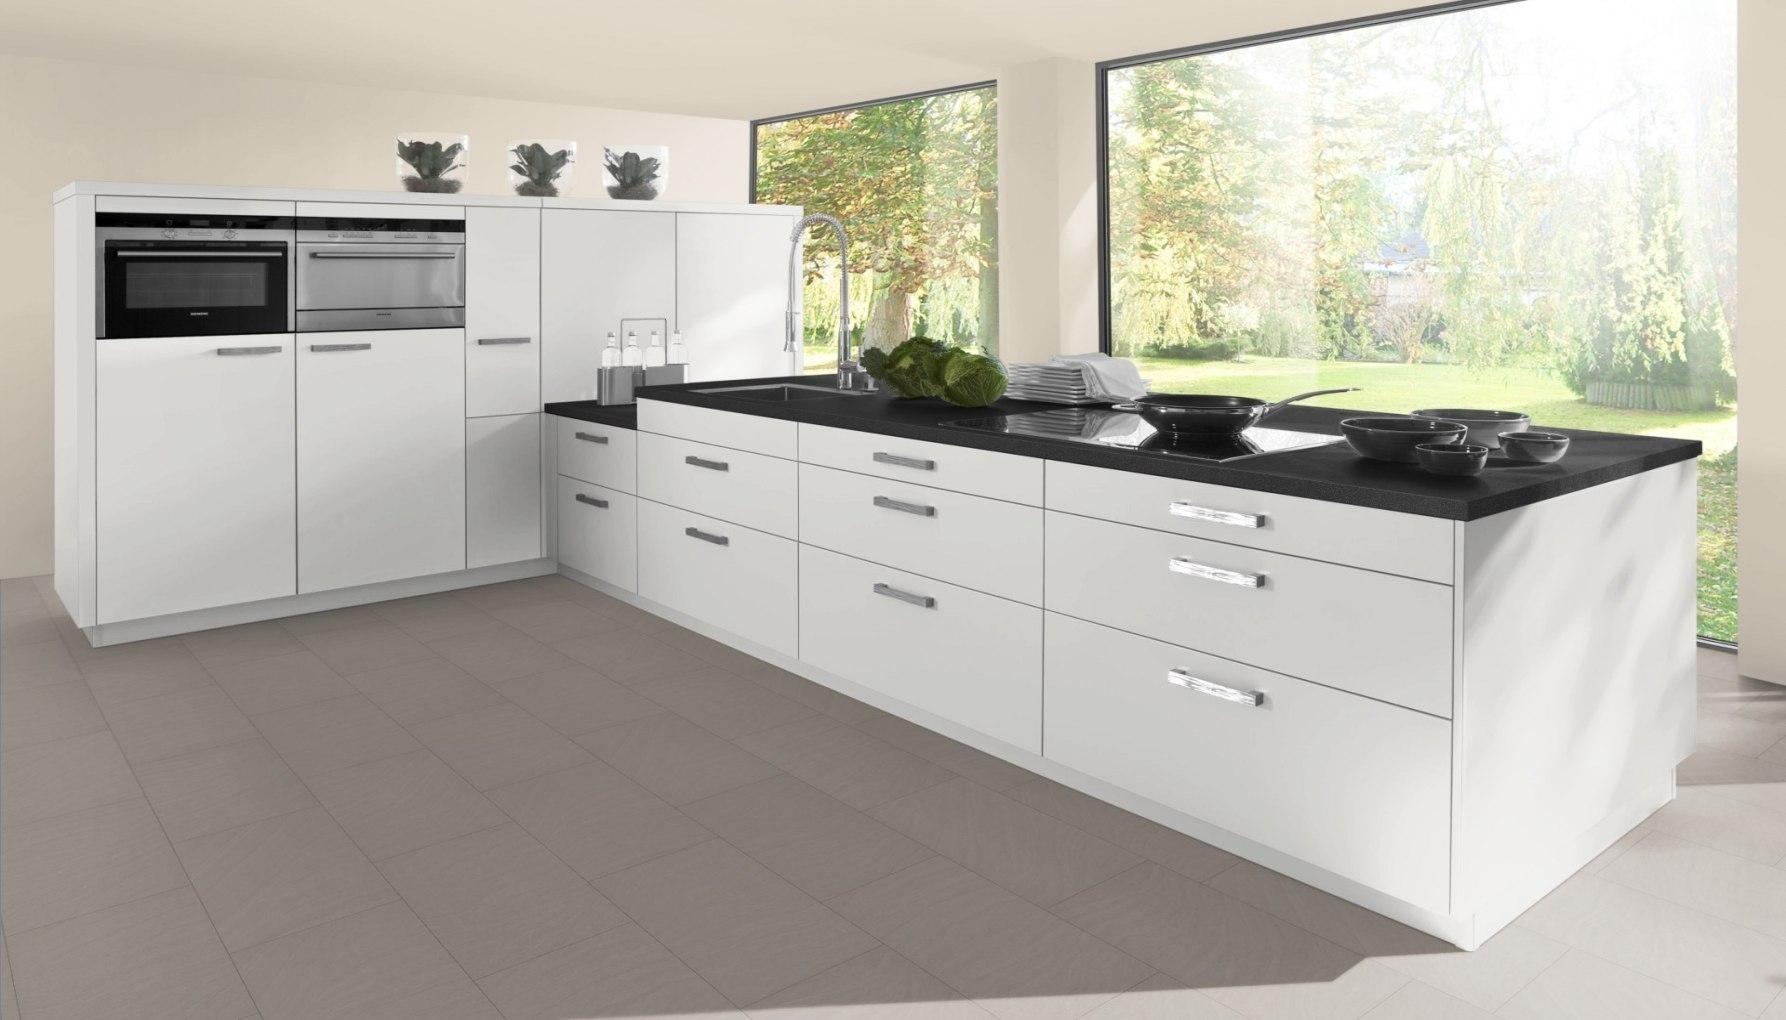 Kitchen Cabinet Doors Gloss White High Gloss White Cupboard Pertaining To White Kitchen Cupboard Doors (Image 9 of 25)